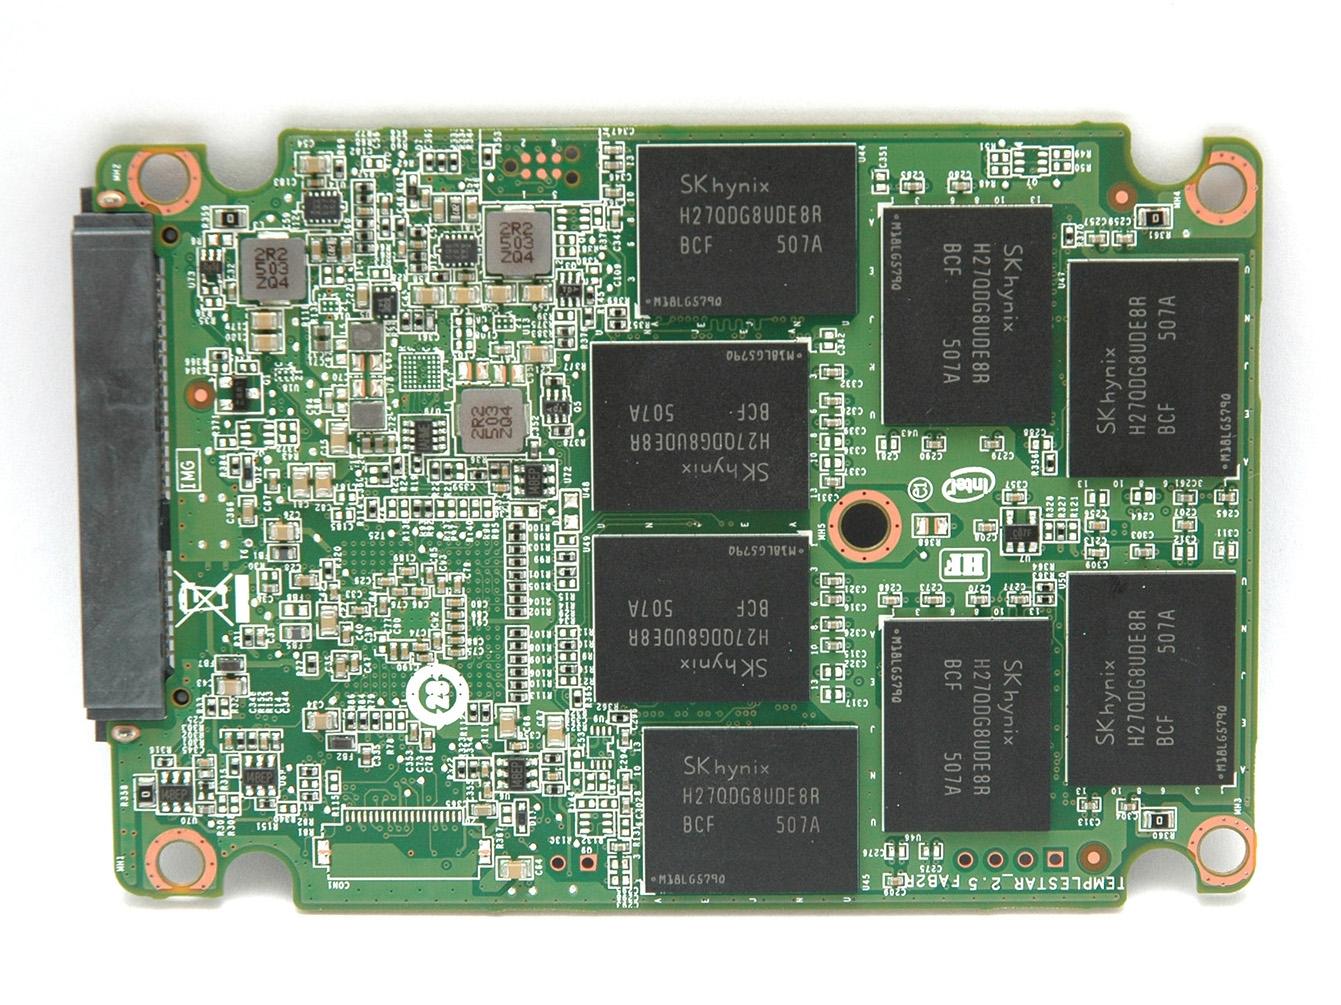 240gb的电路板背面全貌